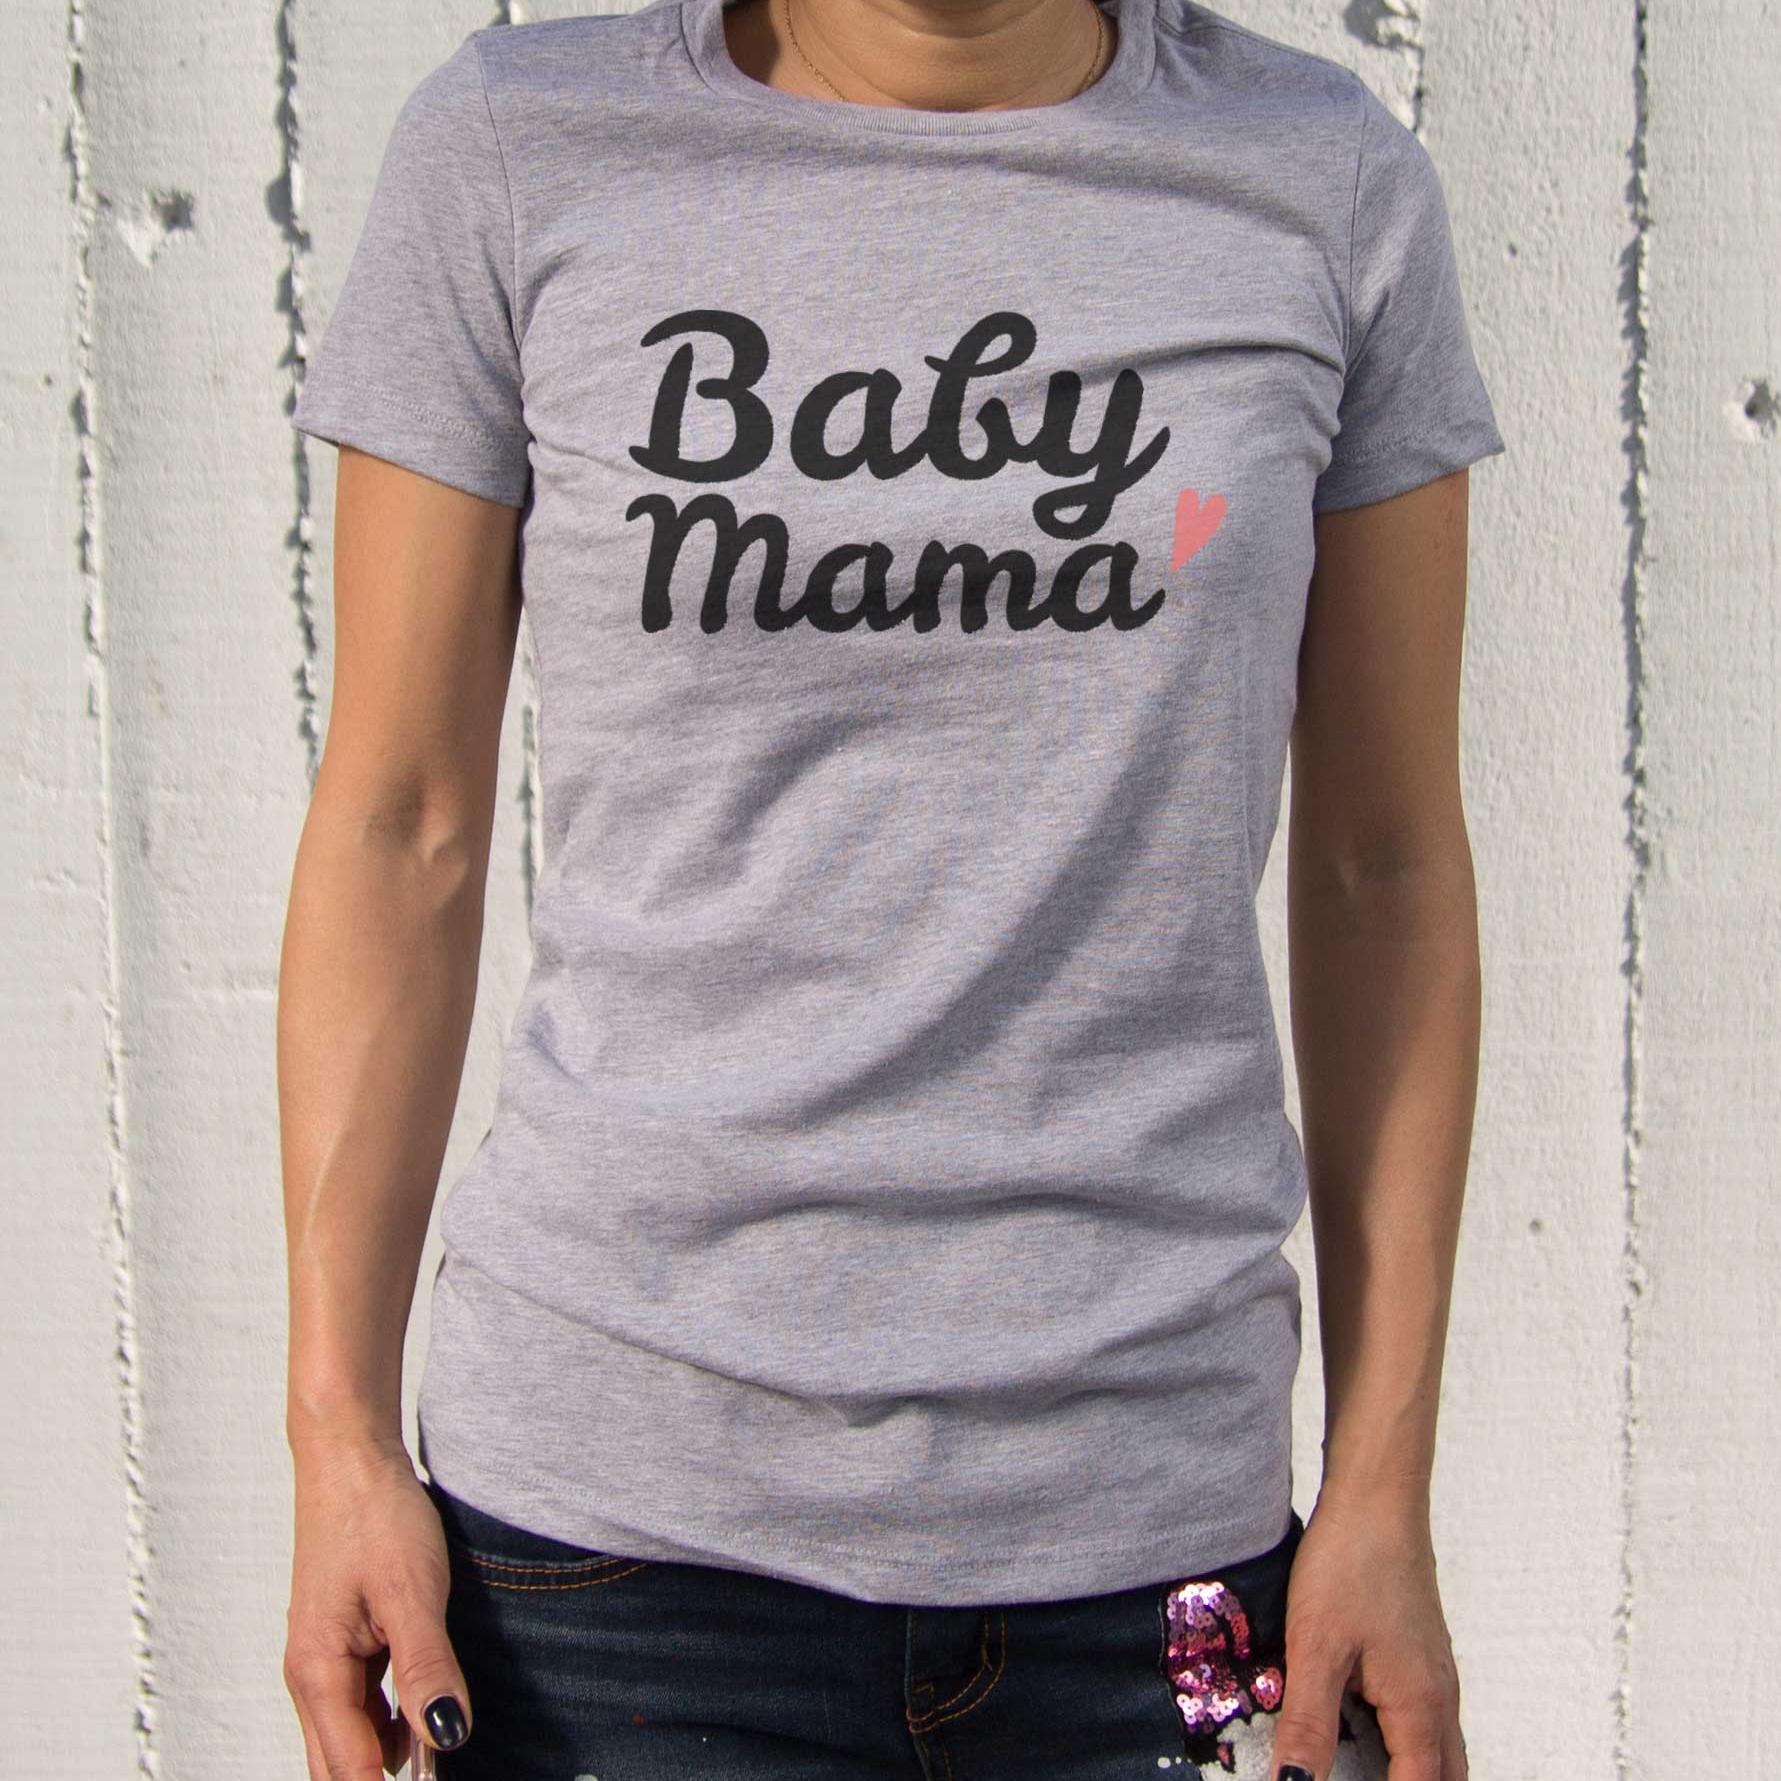 Baby Mama T-shirts 65779287e2b6